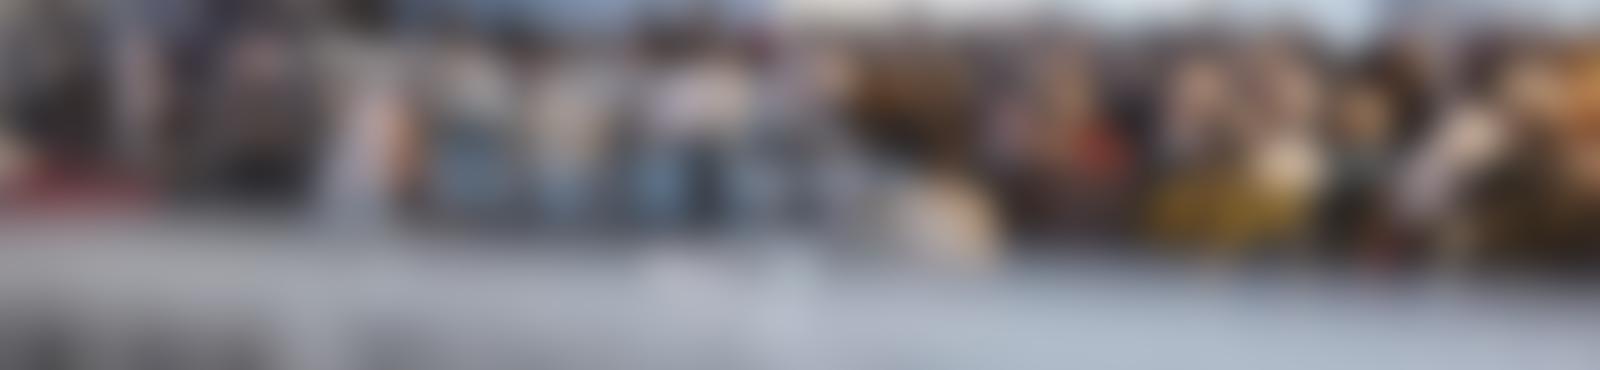 Blurred af4c542f 6ad6 41c5 97c0 8c4c2bd1c5e6